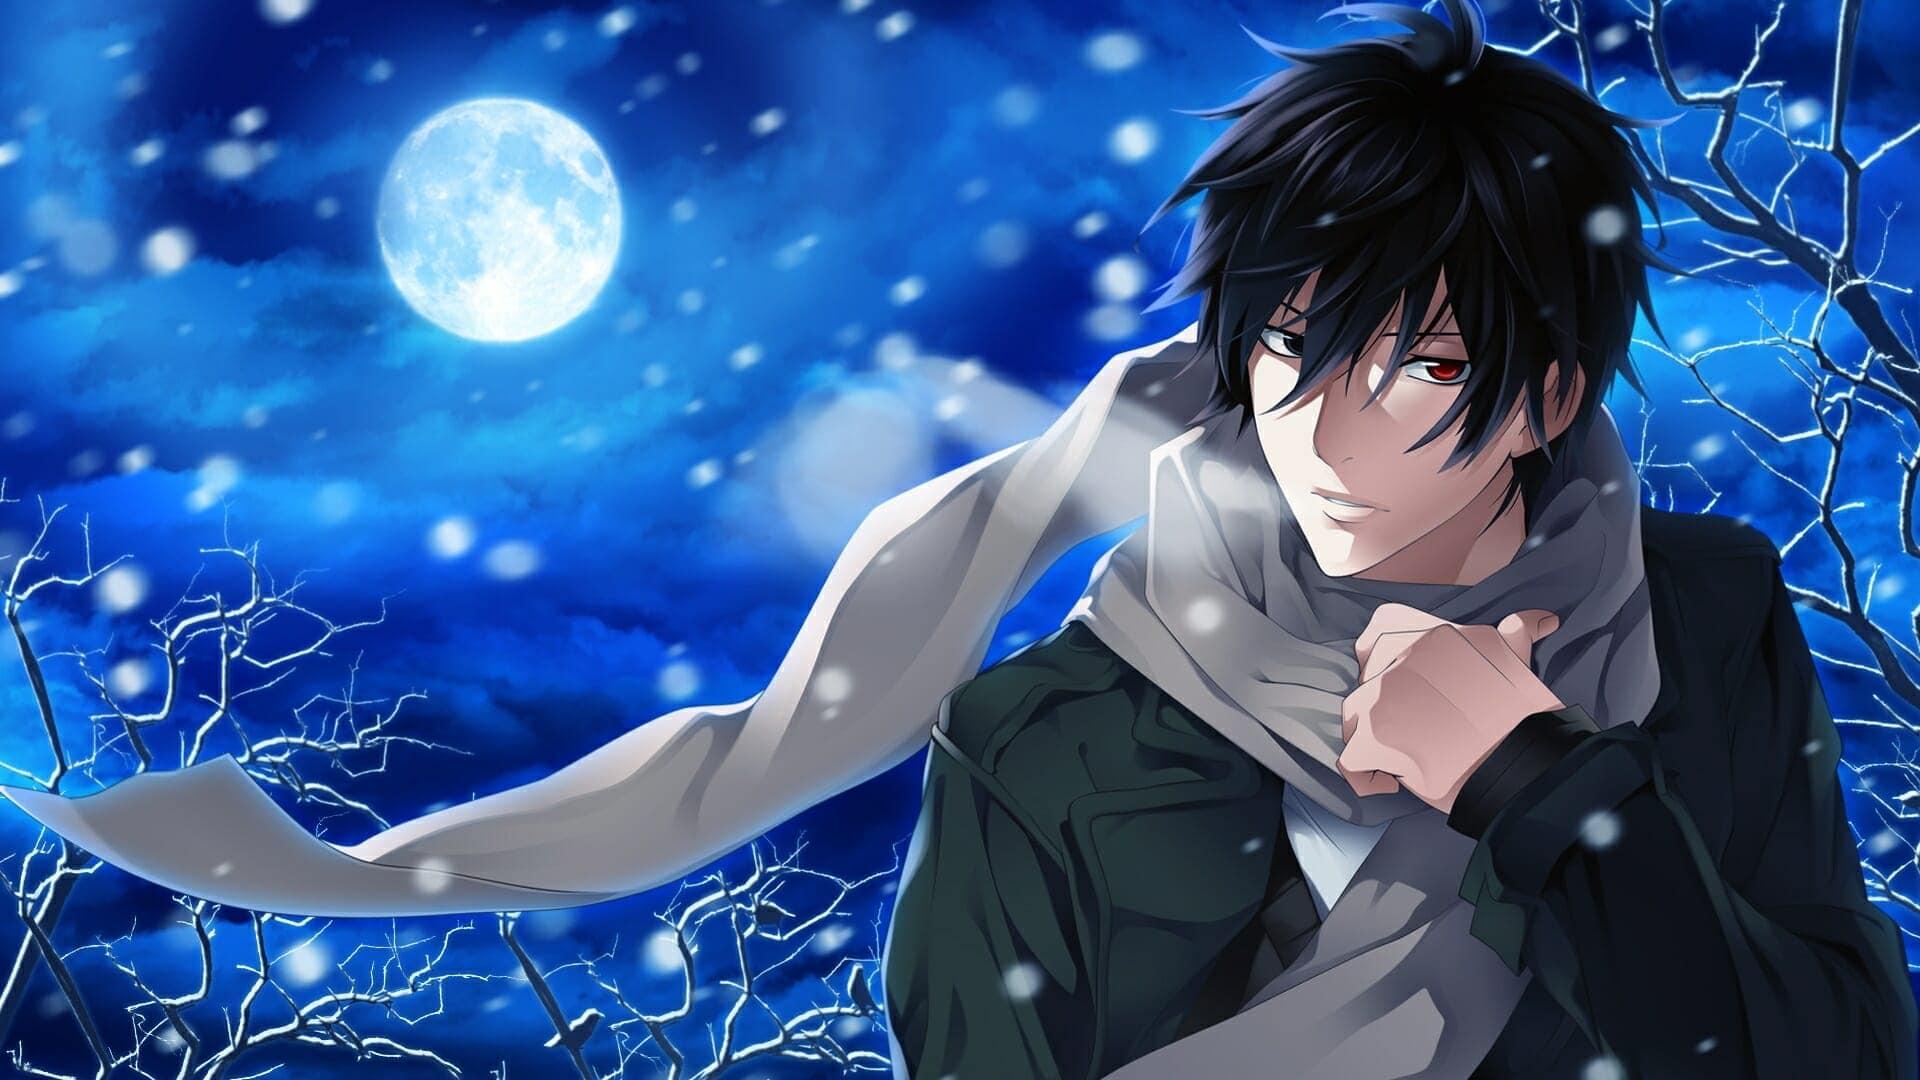 Тест: Какой ты мужской аниме персонаж?